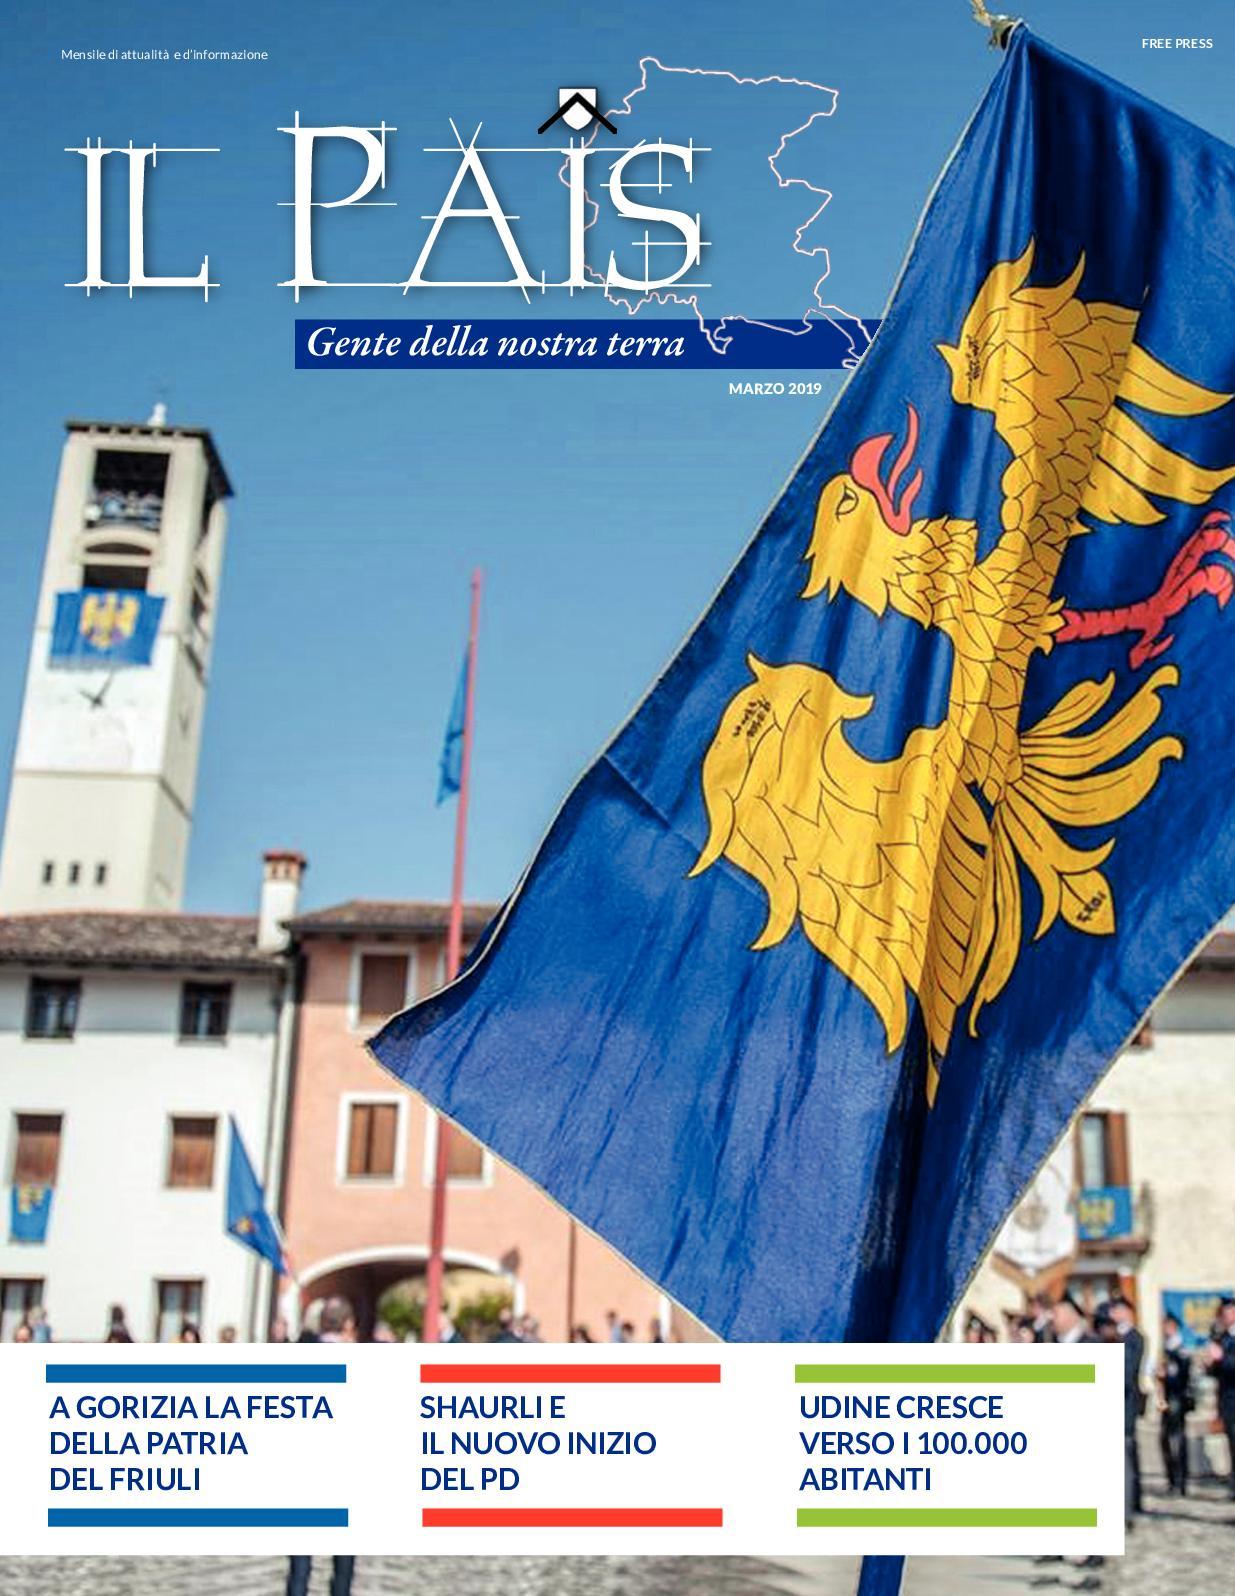 96656dbd7 Articol Di Luca Tava Maggiori Eventi - Querciacb